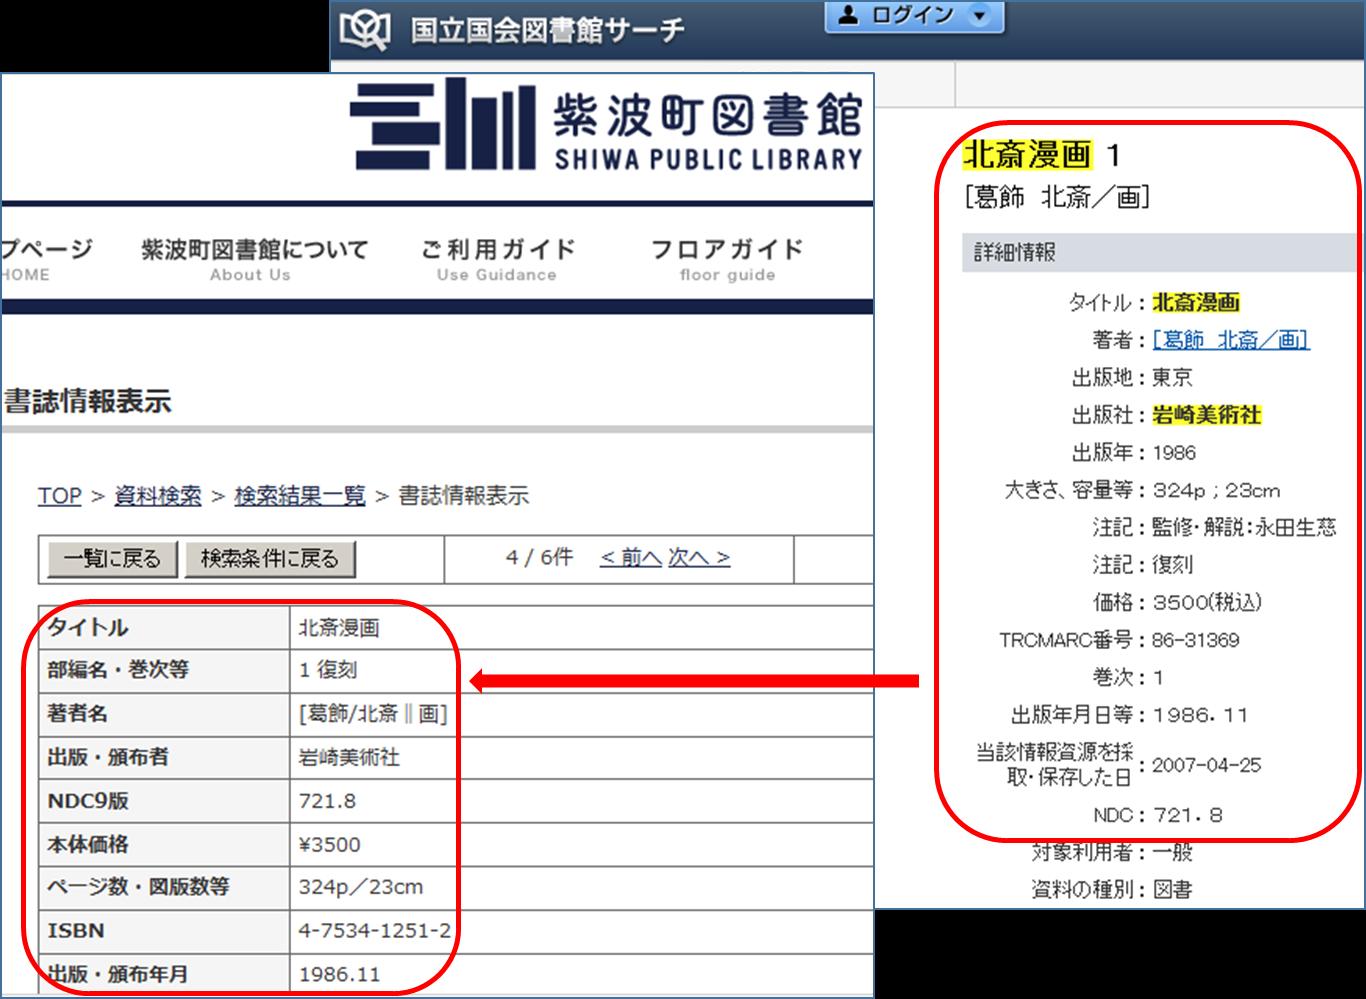 WEBほんナビ蔵書検索 画面イメージ